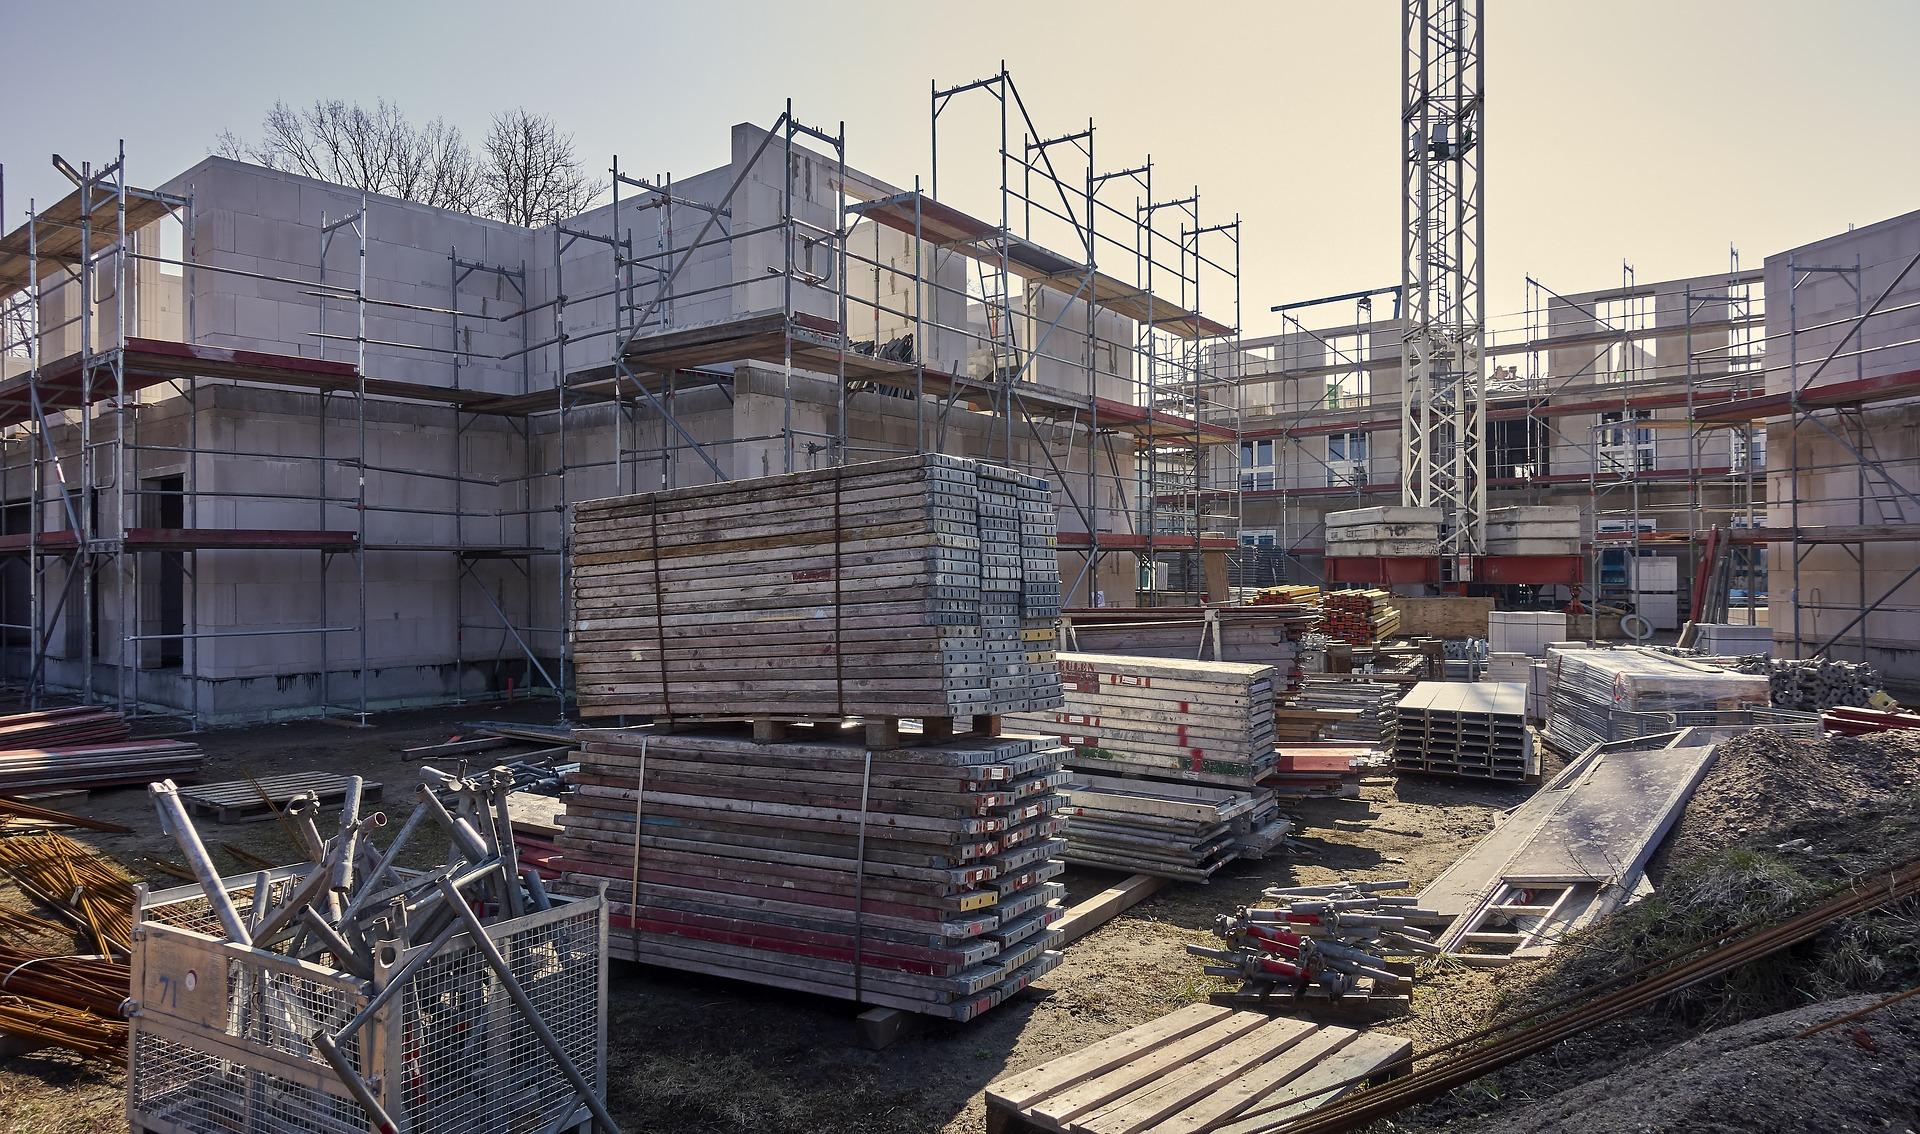 Nőtt az építőipari termelés az EU-ban és az euróövezetben márciusban havi és éves szinten